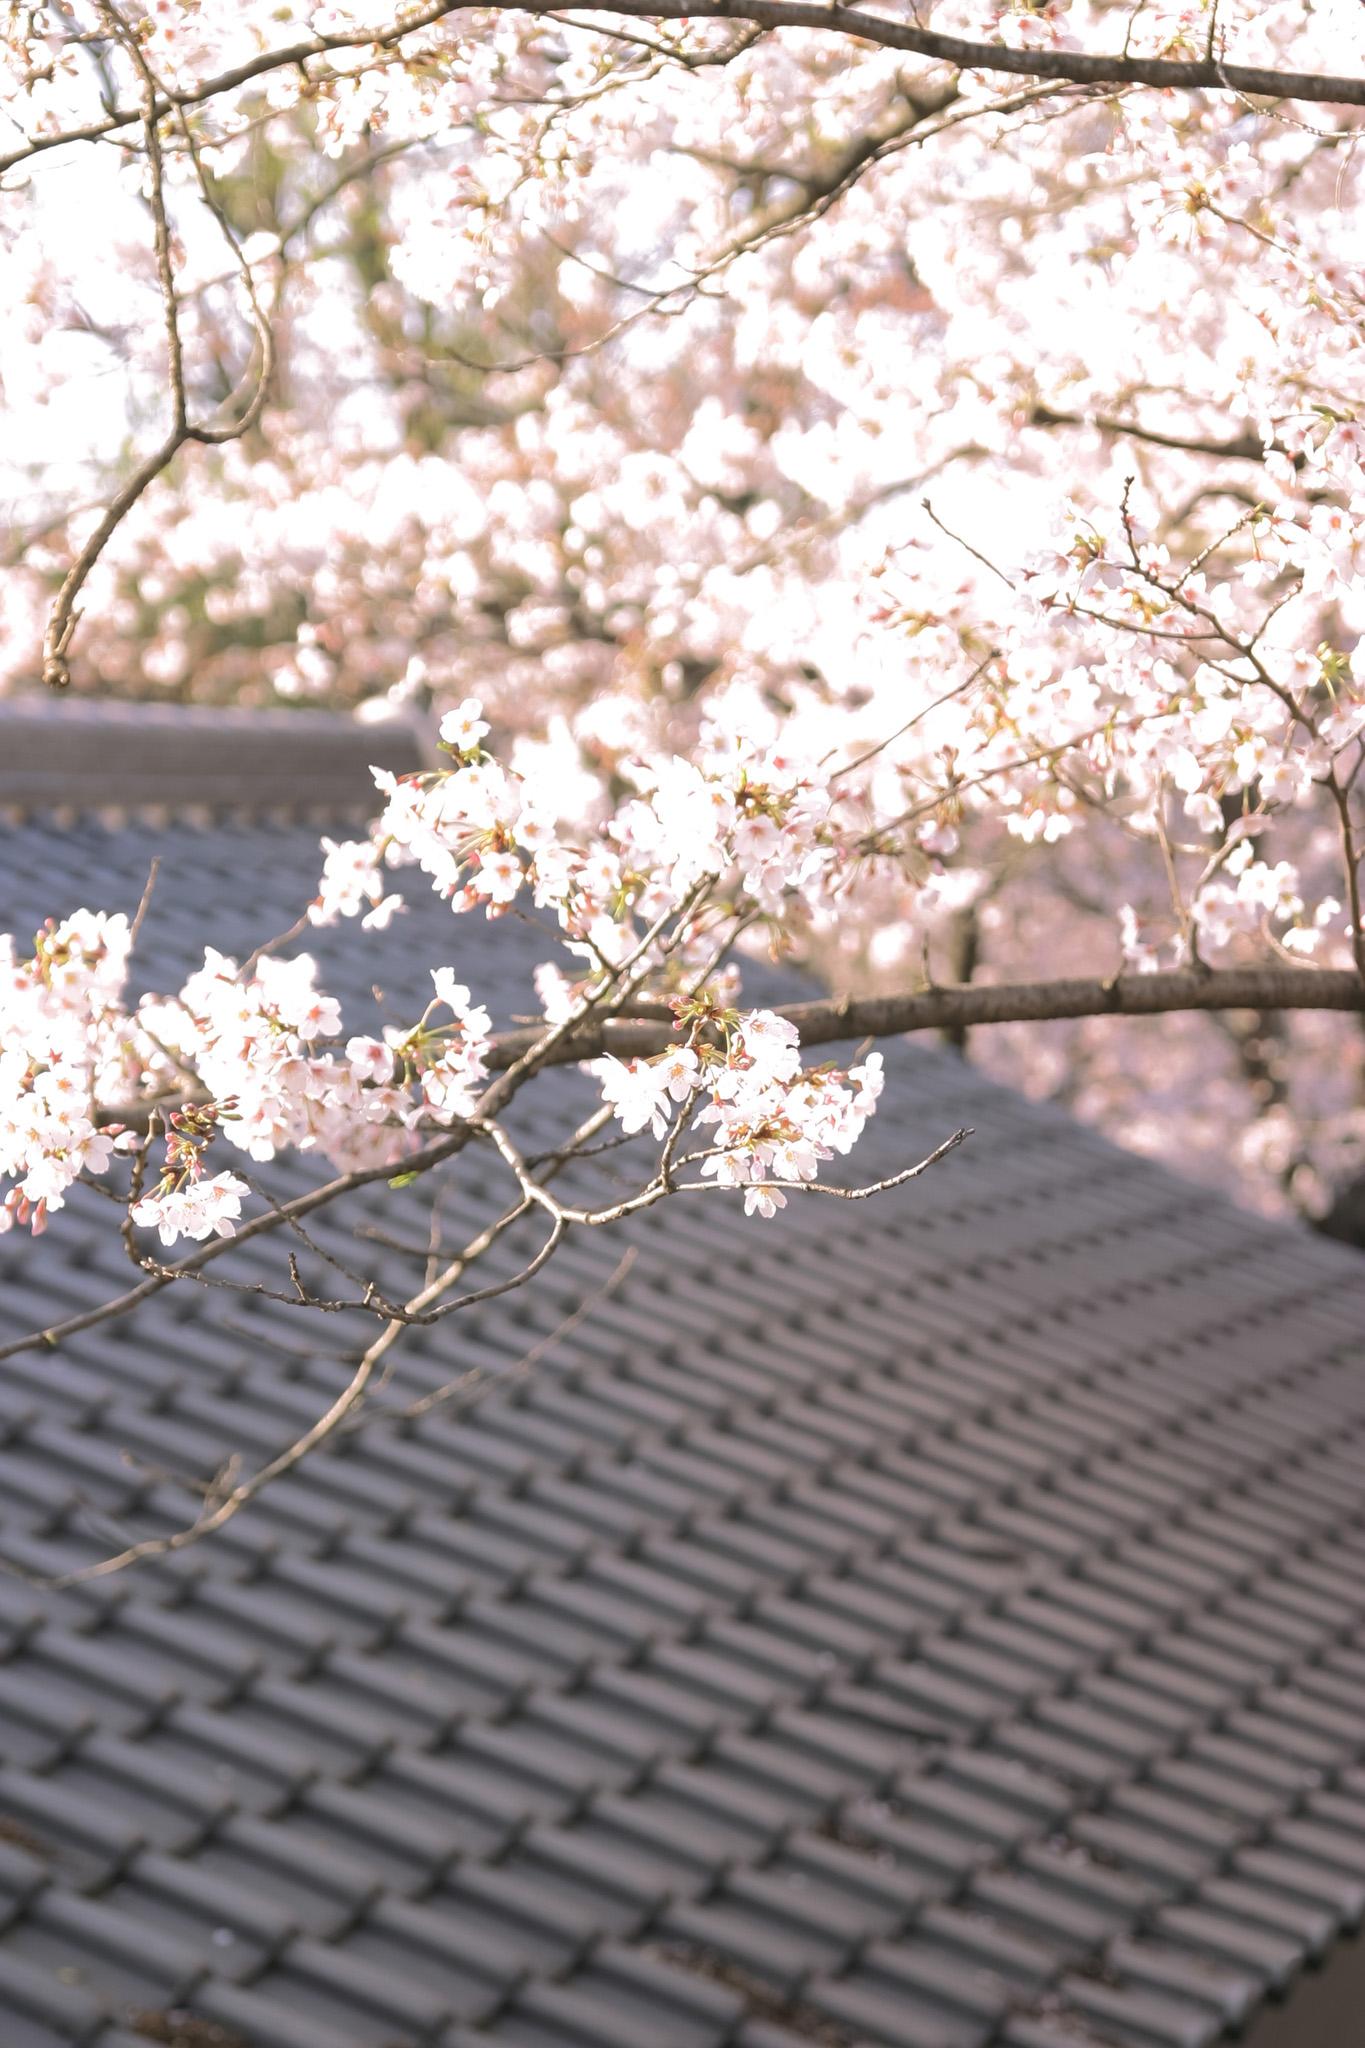 「瓦と桜の和風景色」の素材を無料ダウンロード